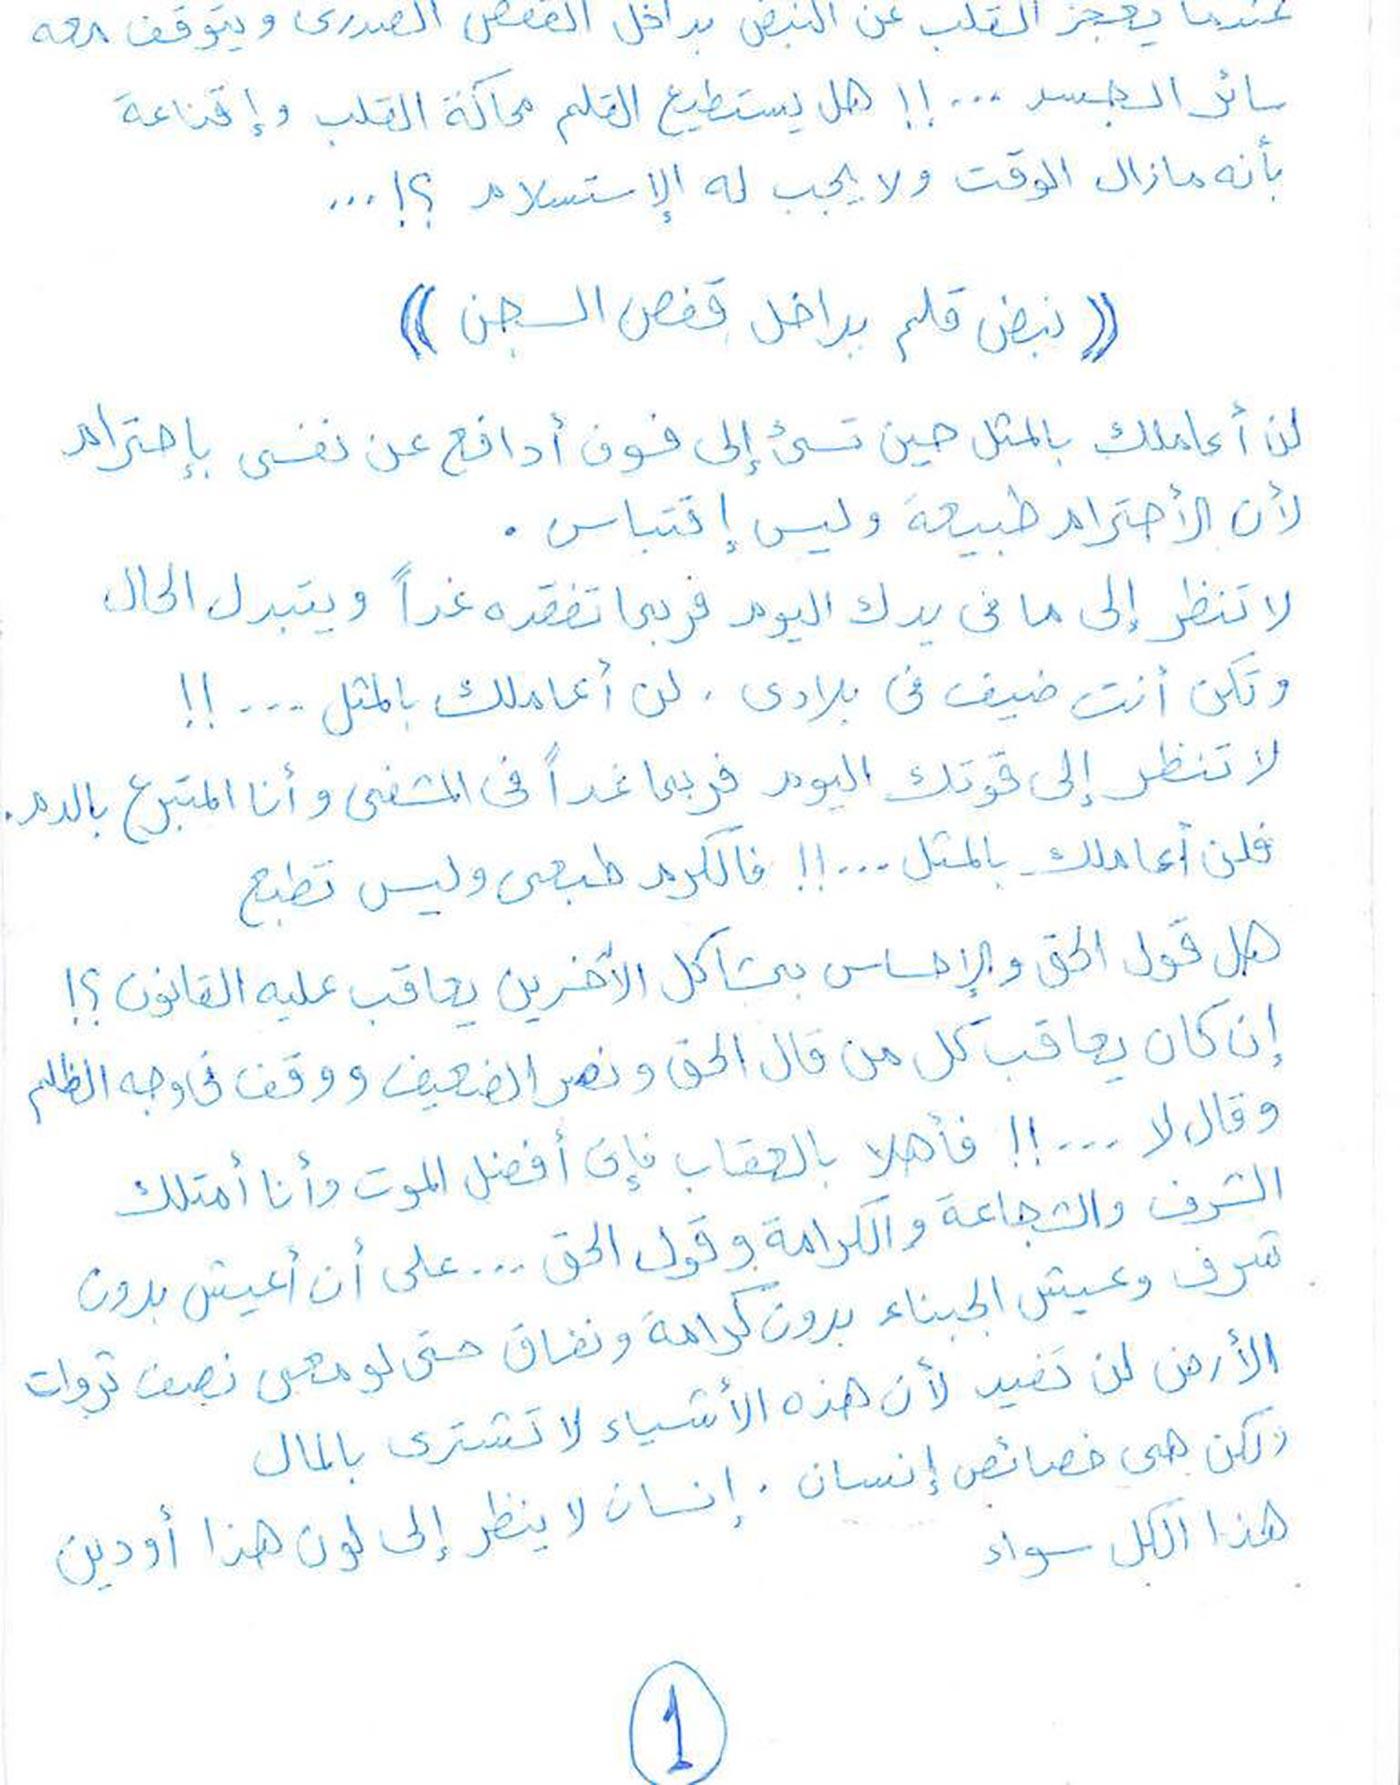 lettera-mohamed